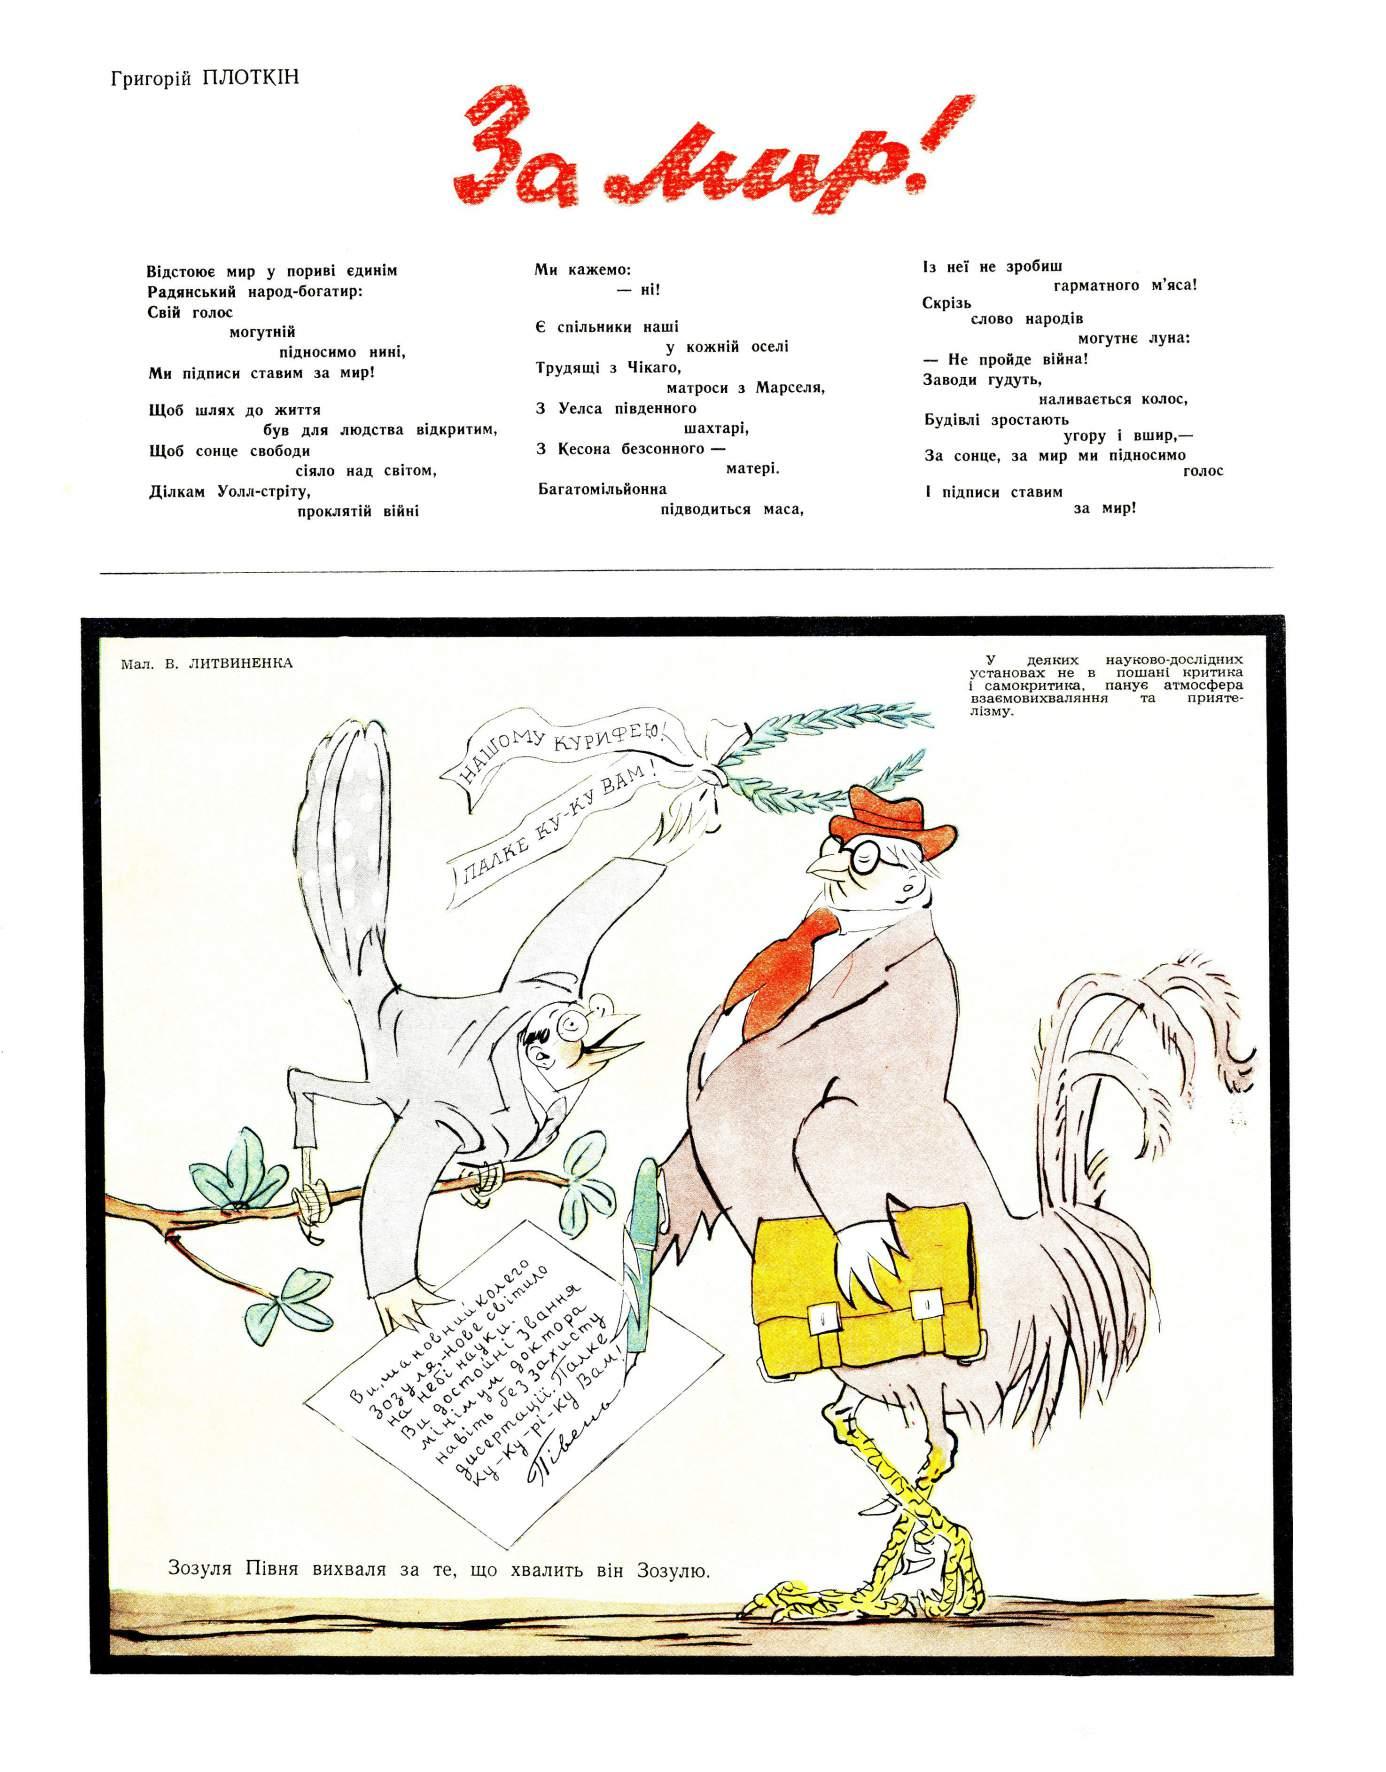 Журнал перець 1951 №19